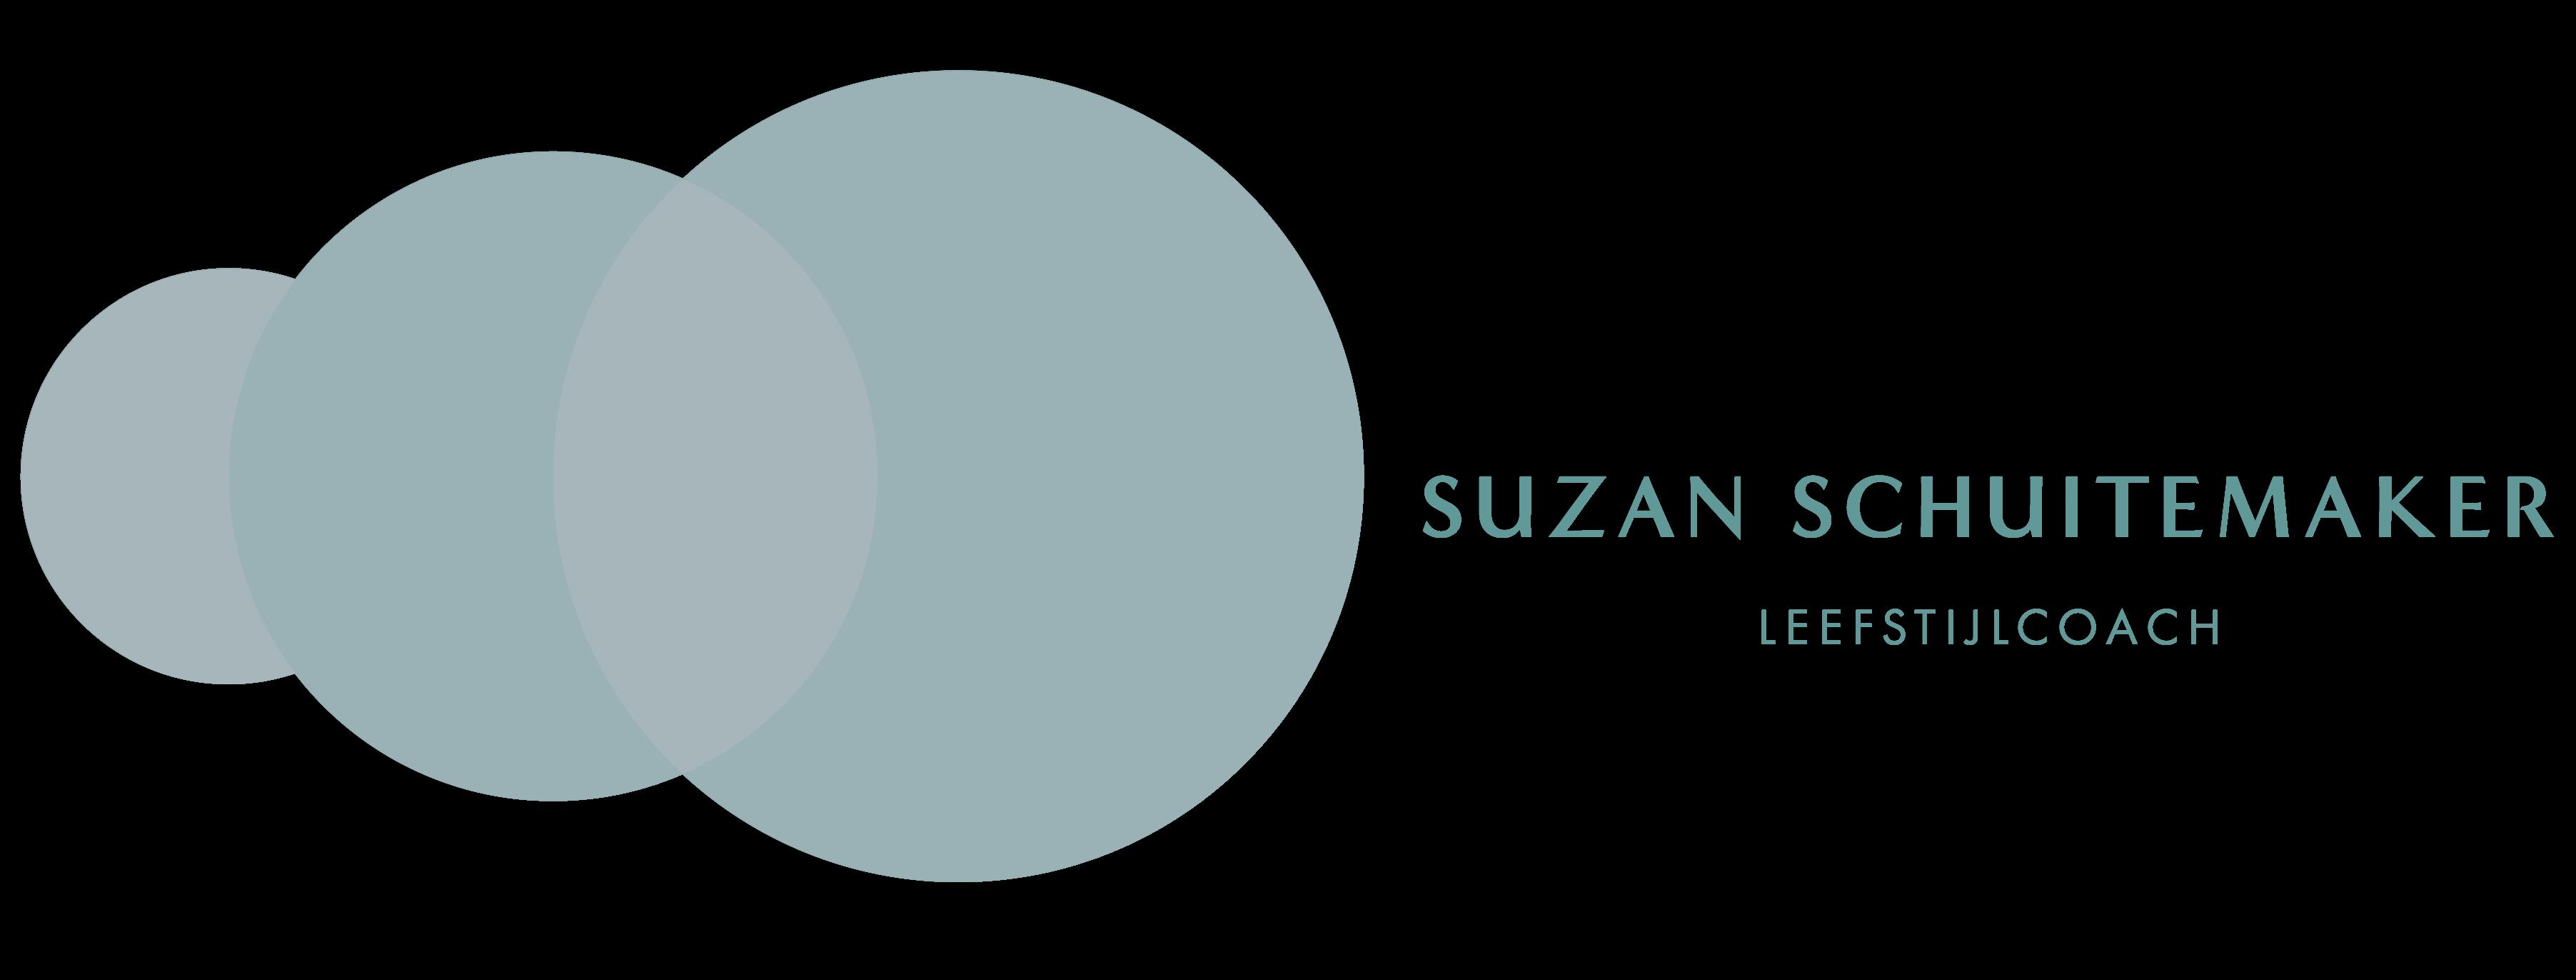 SUZAN SCHUITEMAKER